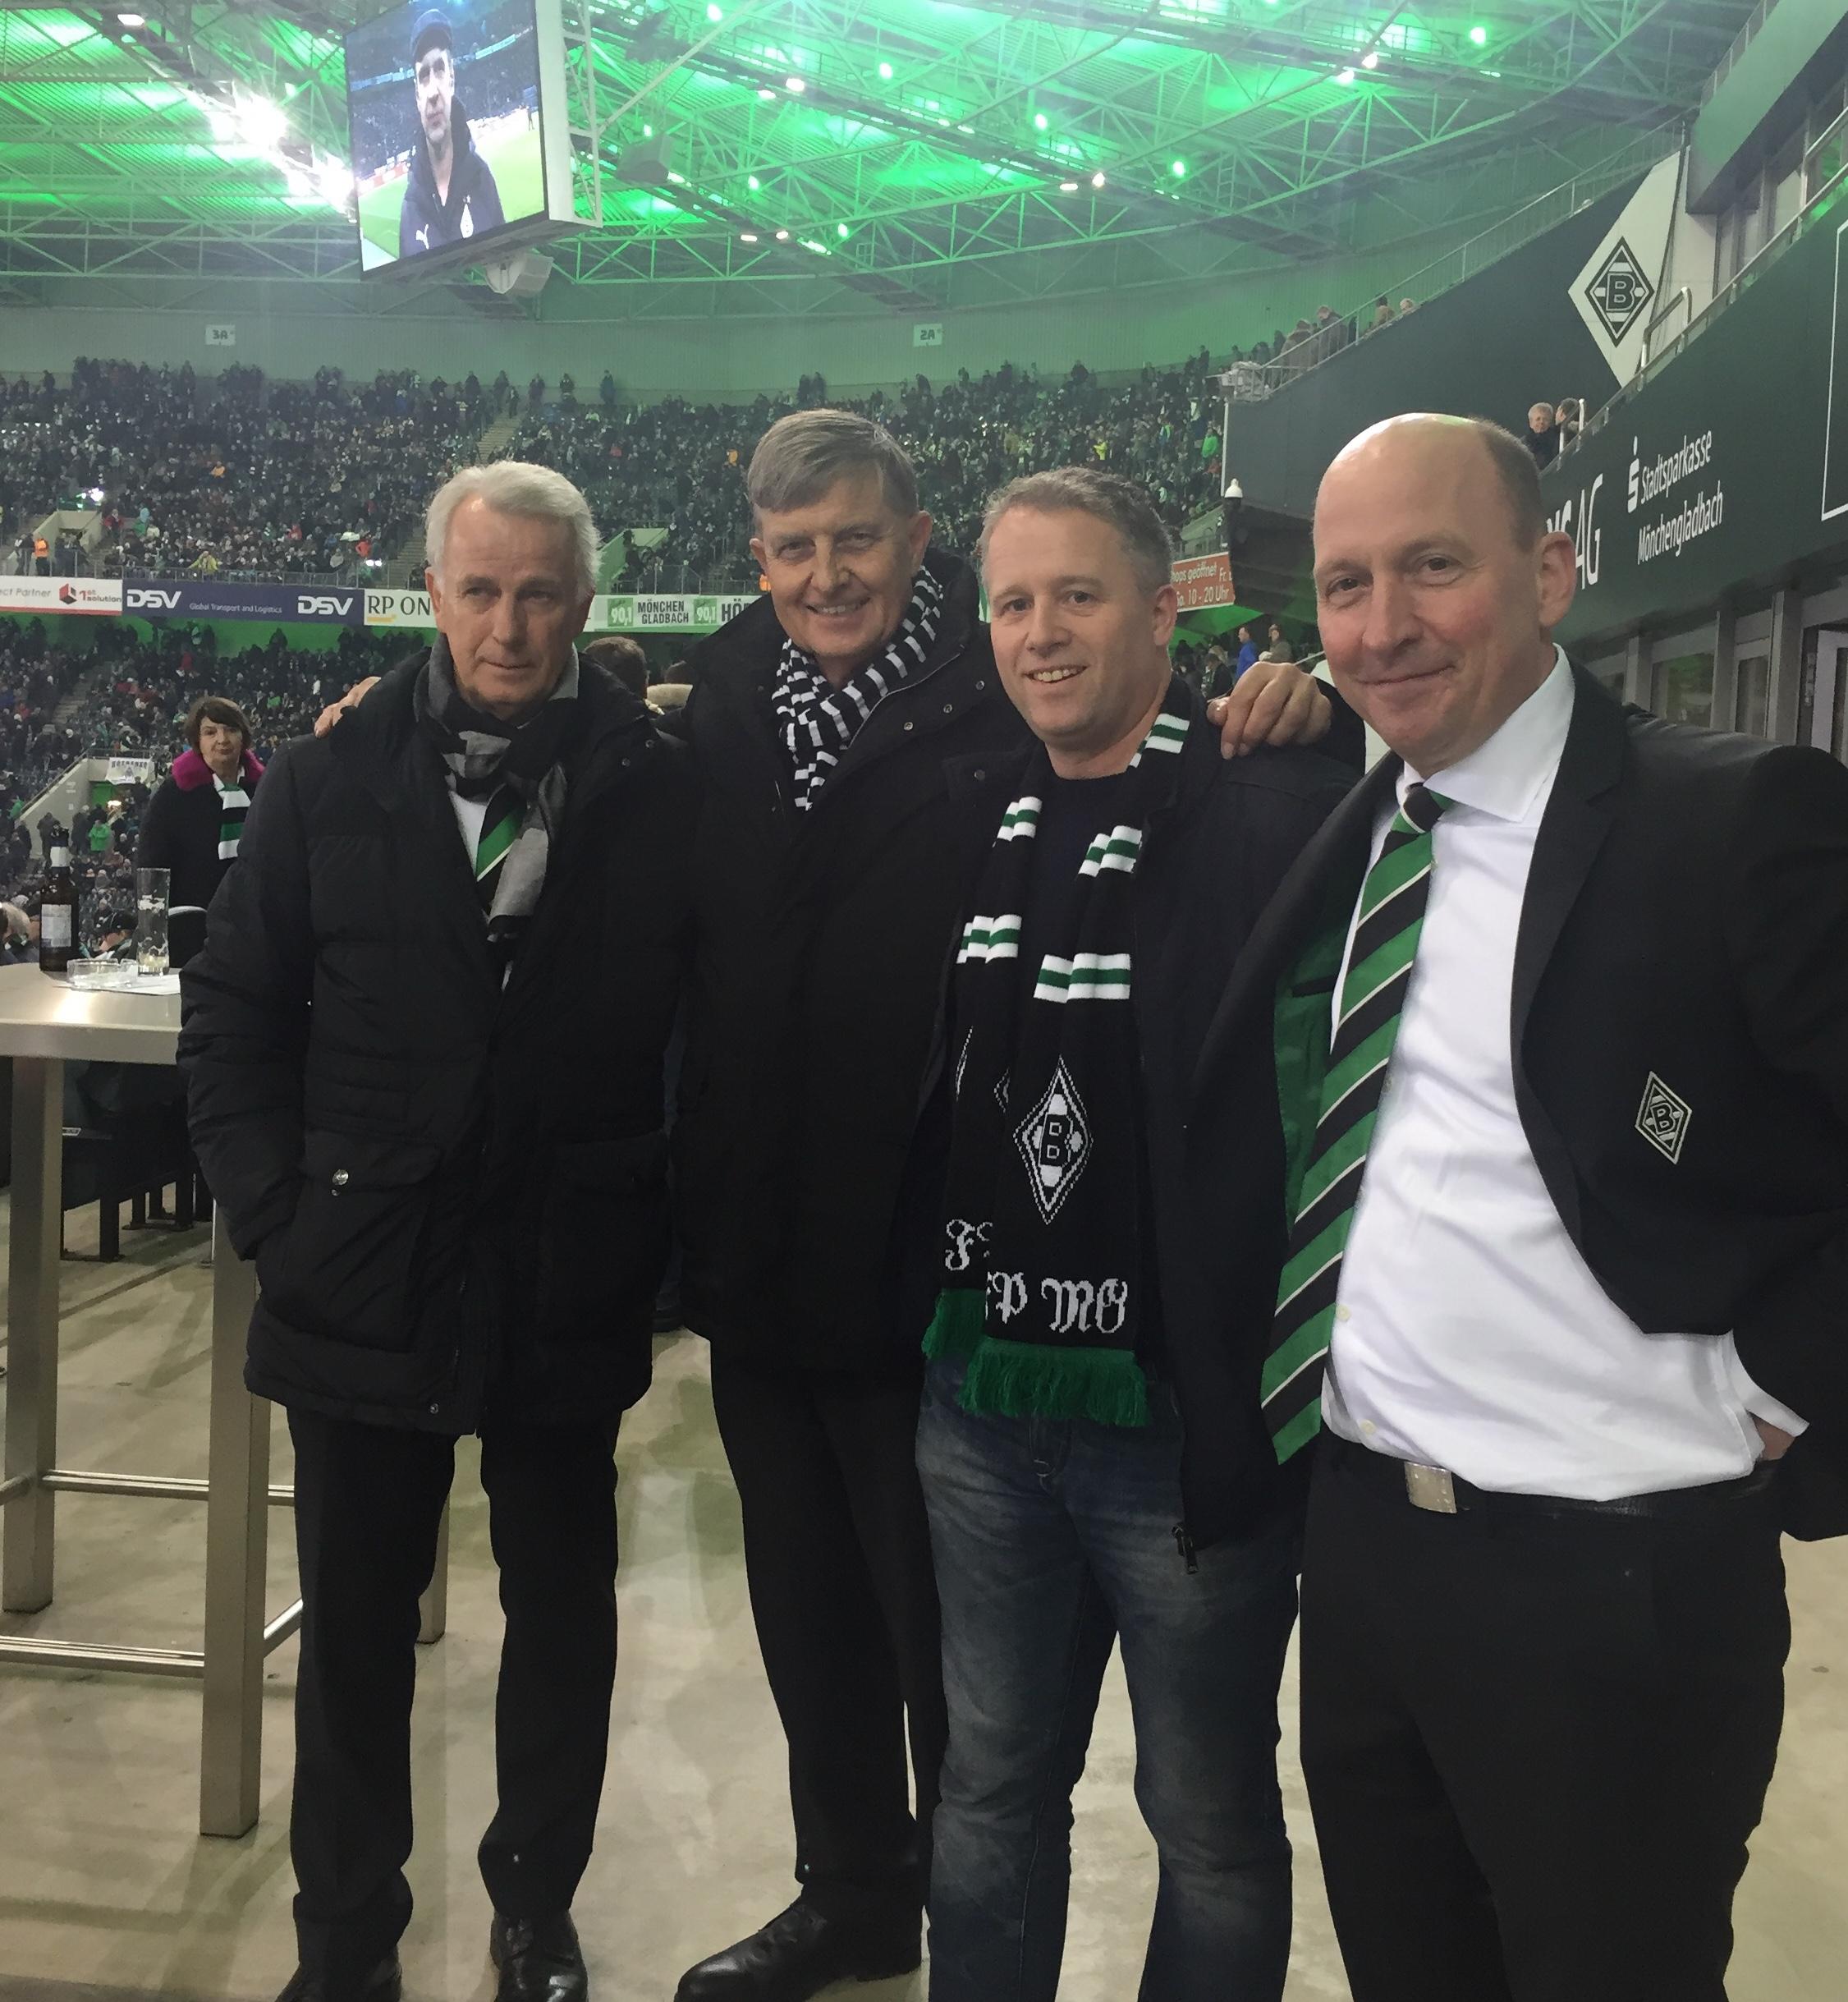 Stv. GDCV-Vorsitzender Dr. Michael Borchmann(2.v.l.) informierte sich bei Borussia Mönchengladbach persönlich über das China-Projekt, links von ihm Vize-Präsident und Ex-Weltmeister Rainer Bonhof, rechts von ihm Unternehmer Michael Dobersek und Geschäftsführer Stephan Schippers